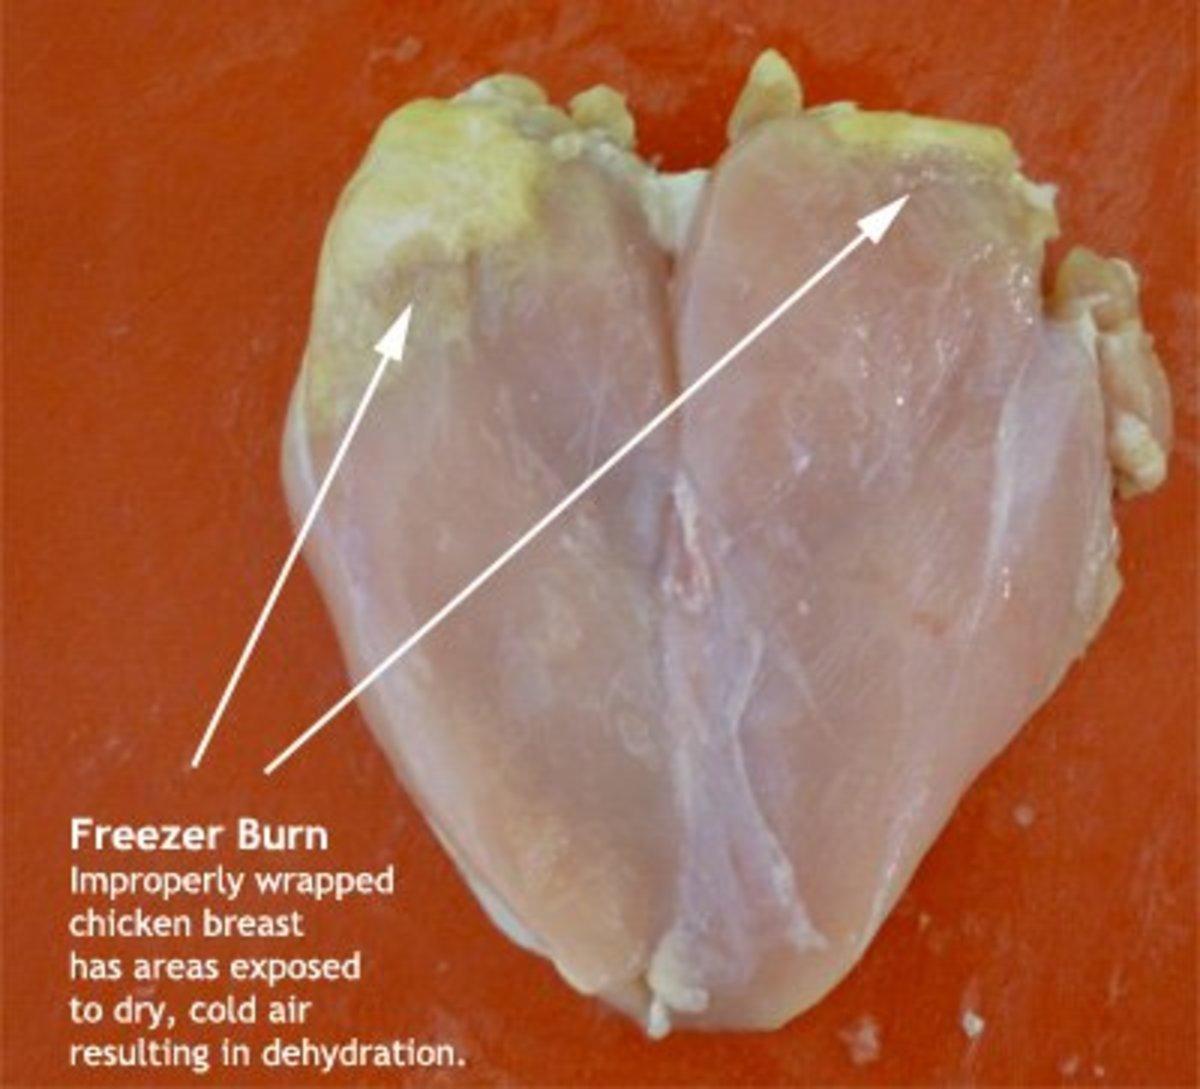 Freezer burn on chicken